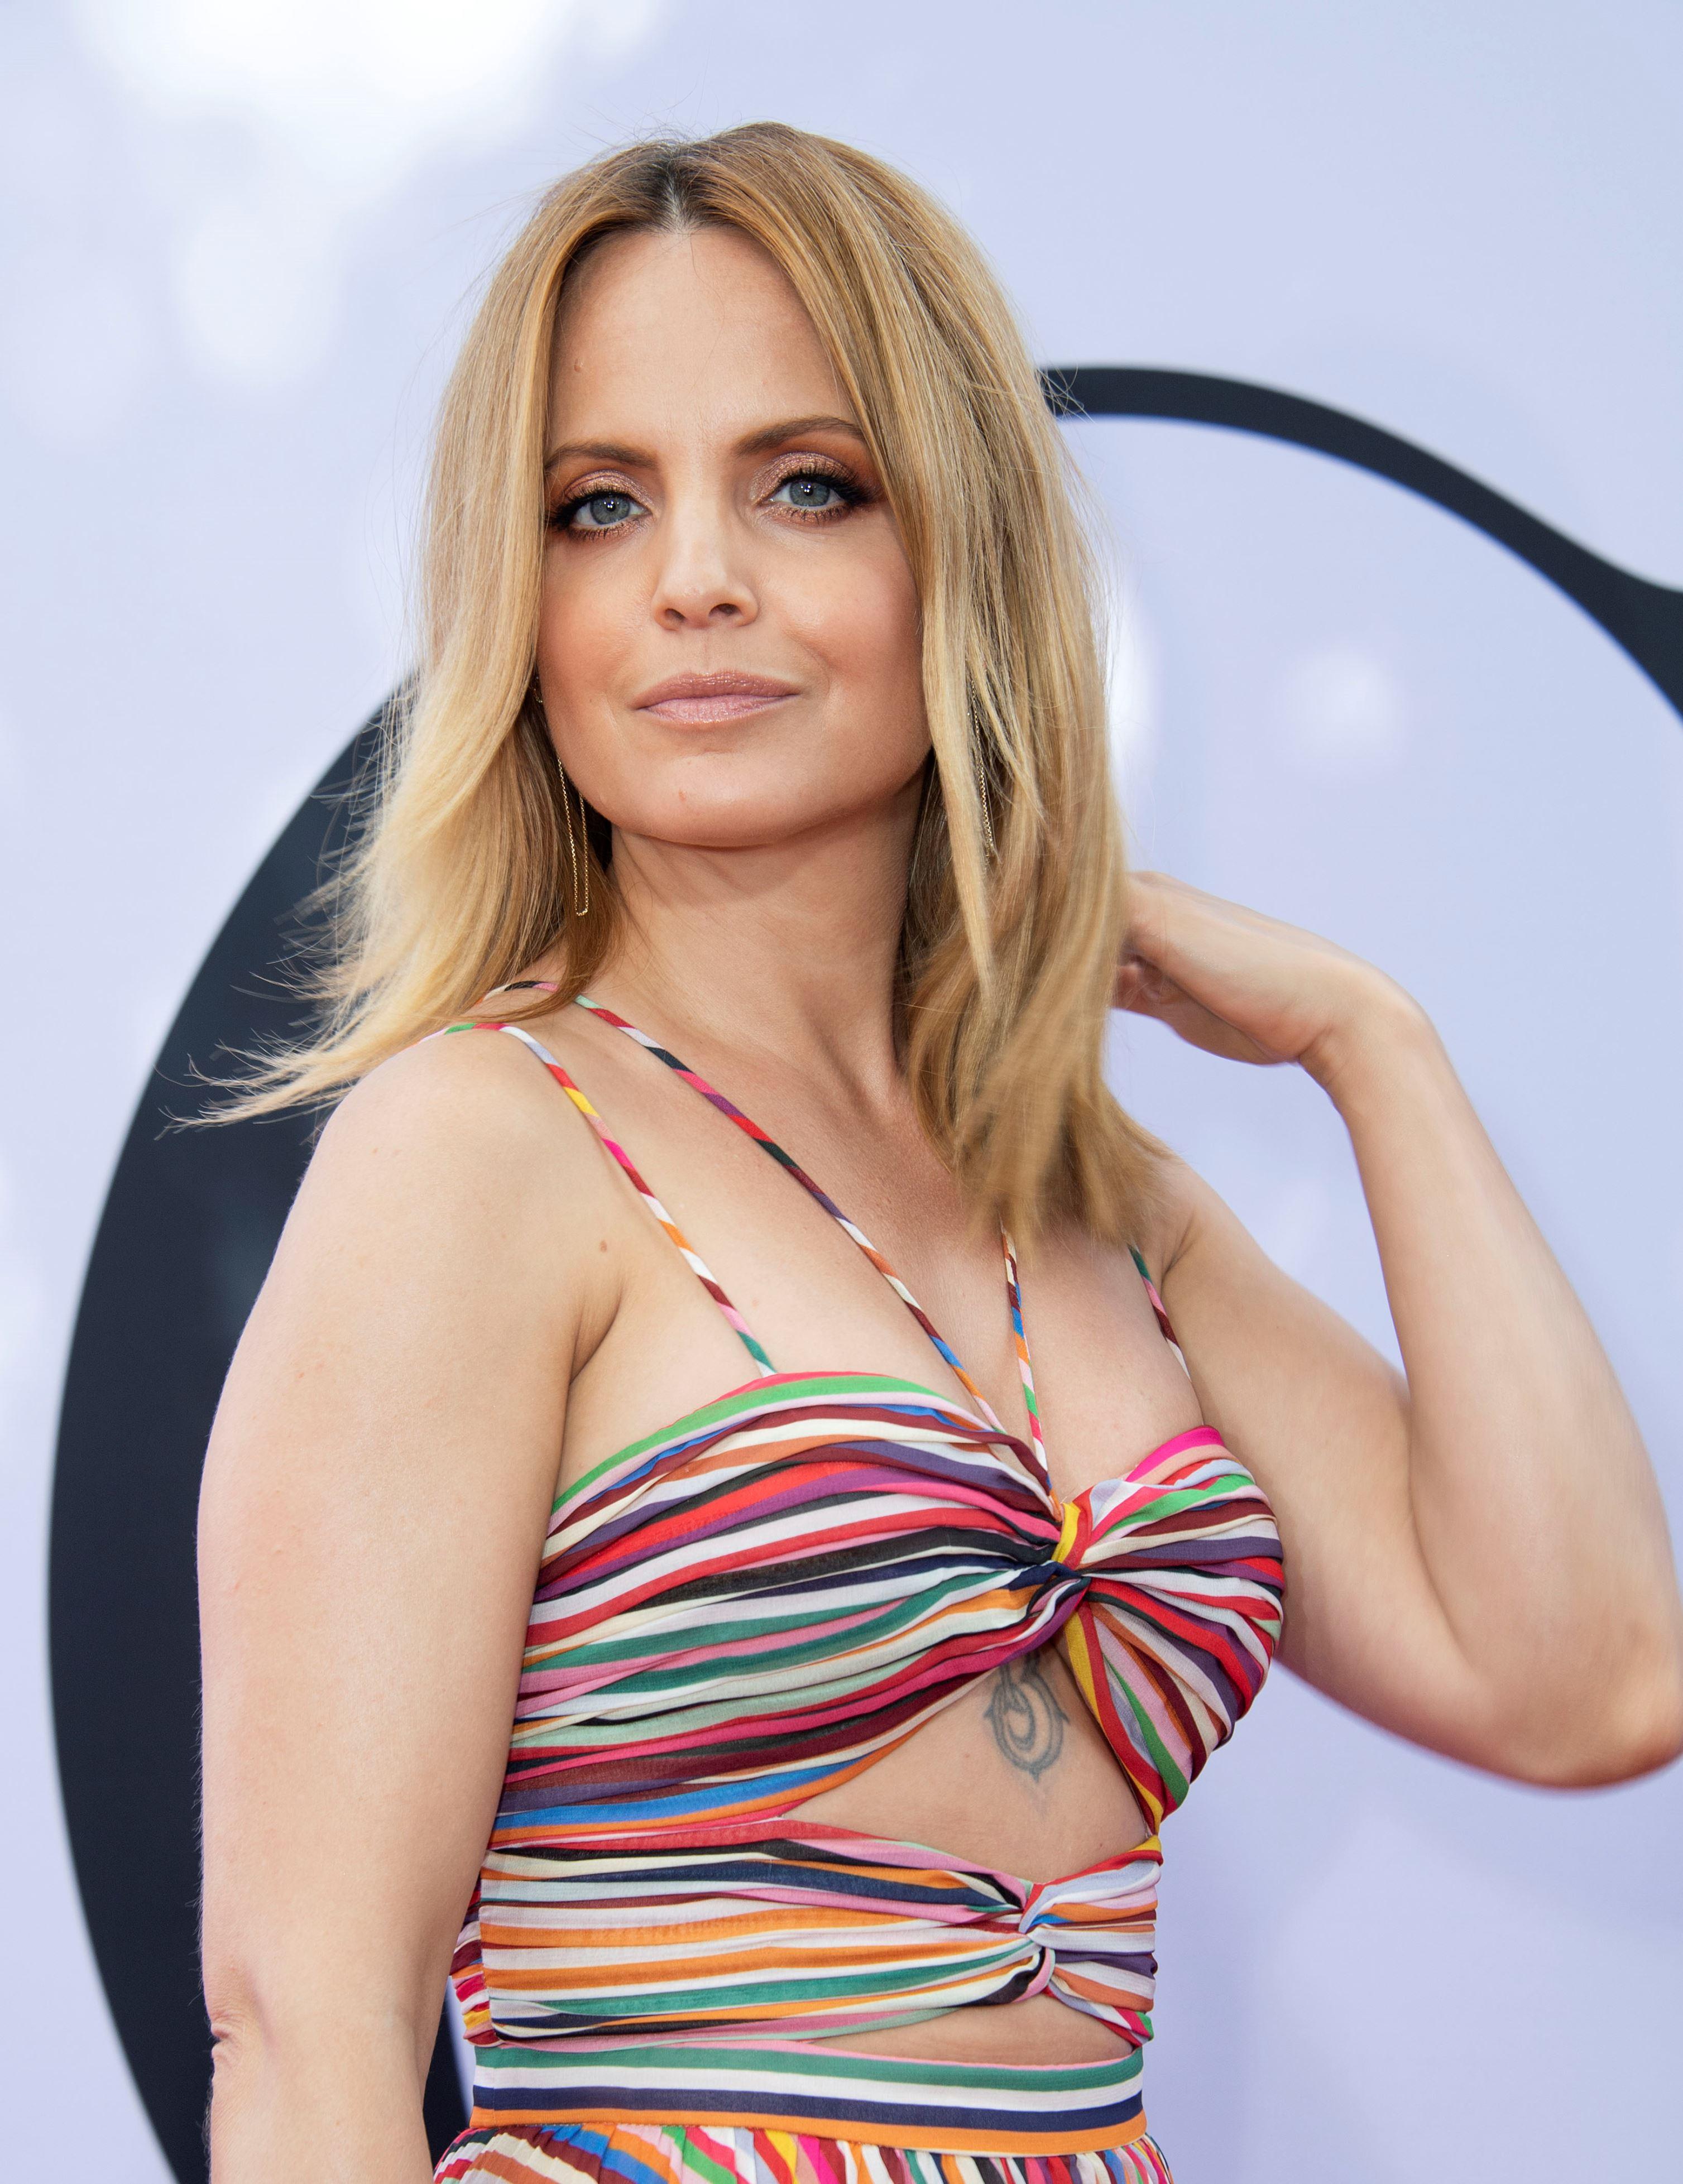 Bikini contest video clips